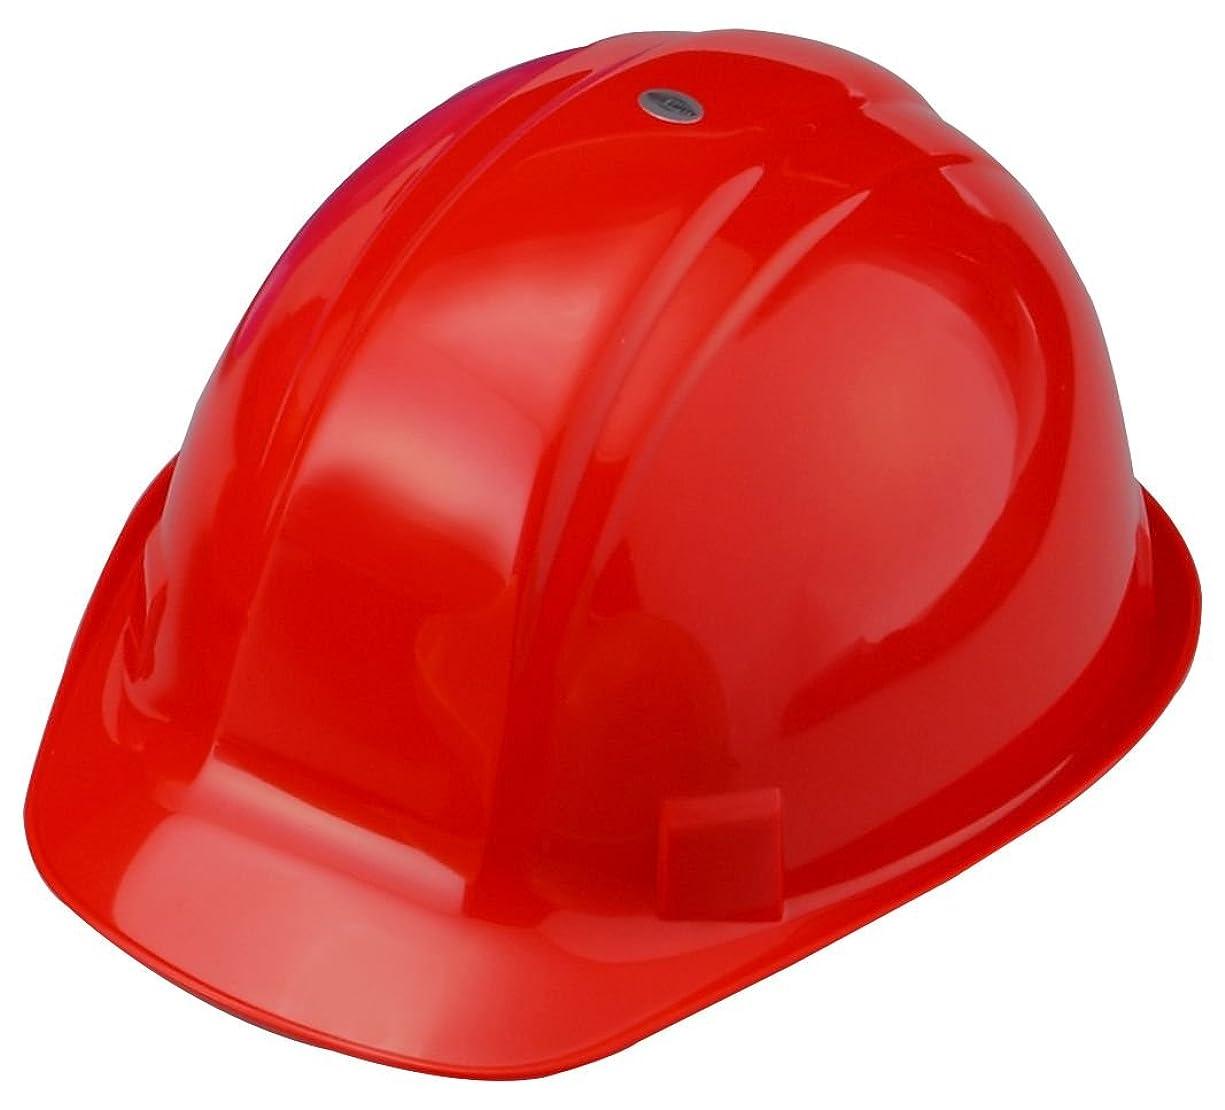 販売計画とは異なり真鍮TOYO 作業用ヘルメット No.170 赤 アメリアン型 日本製